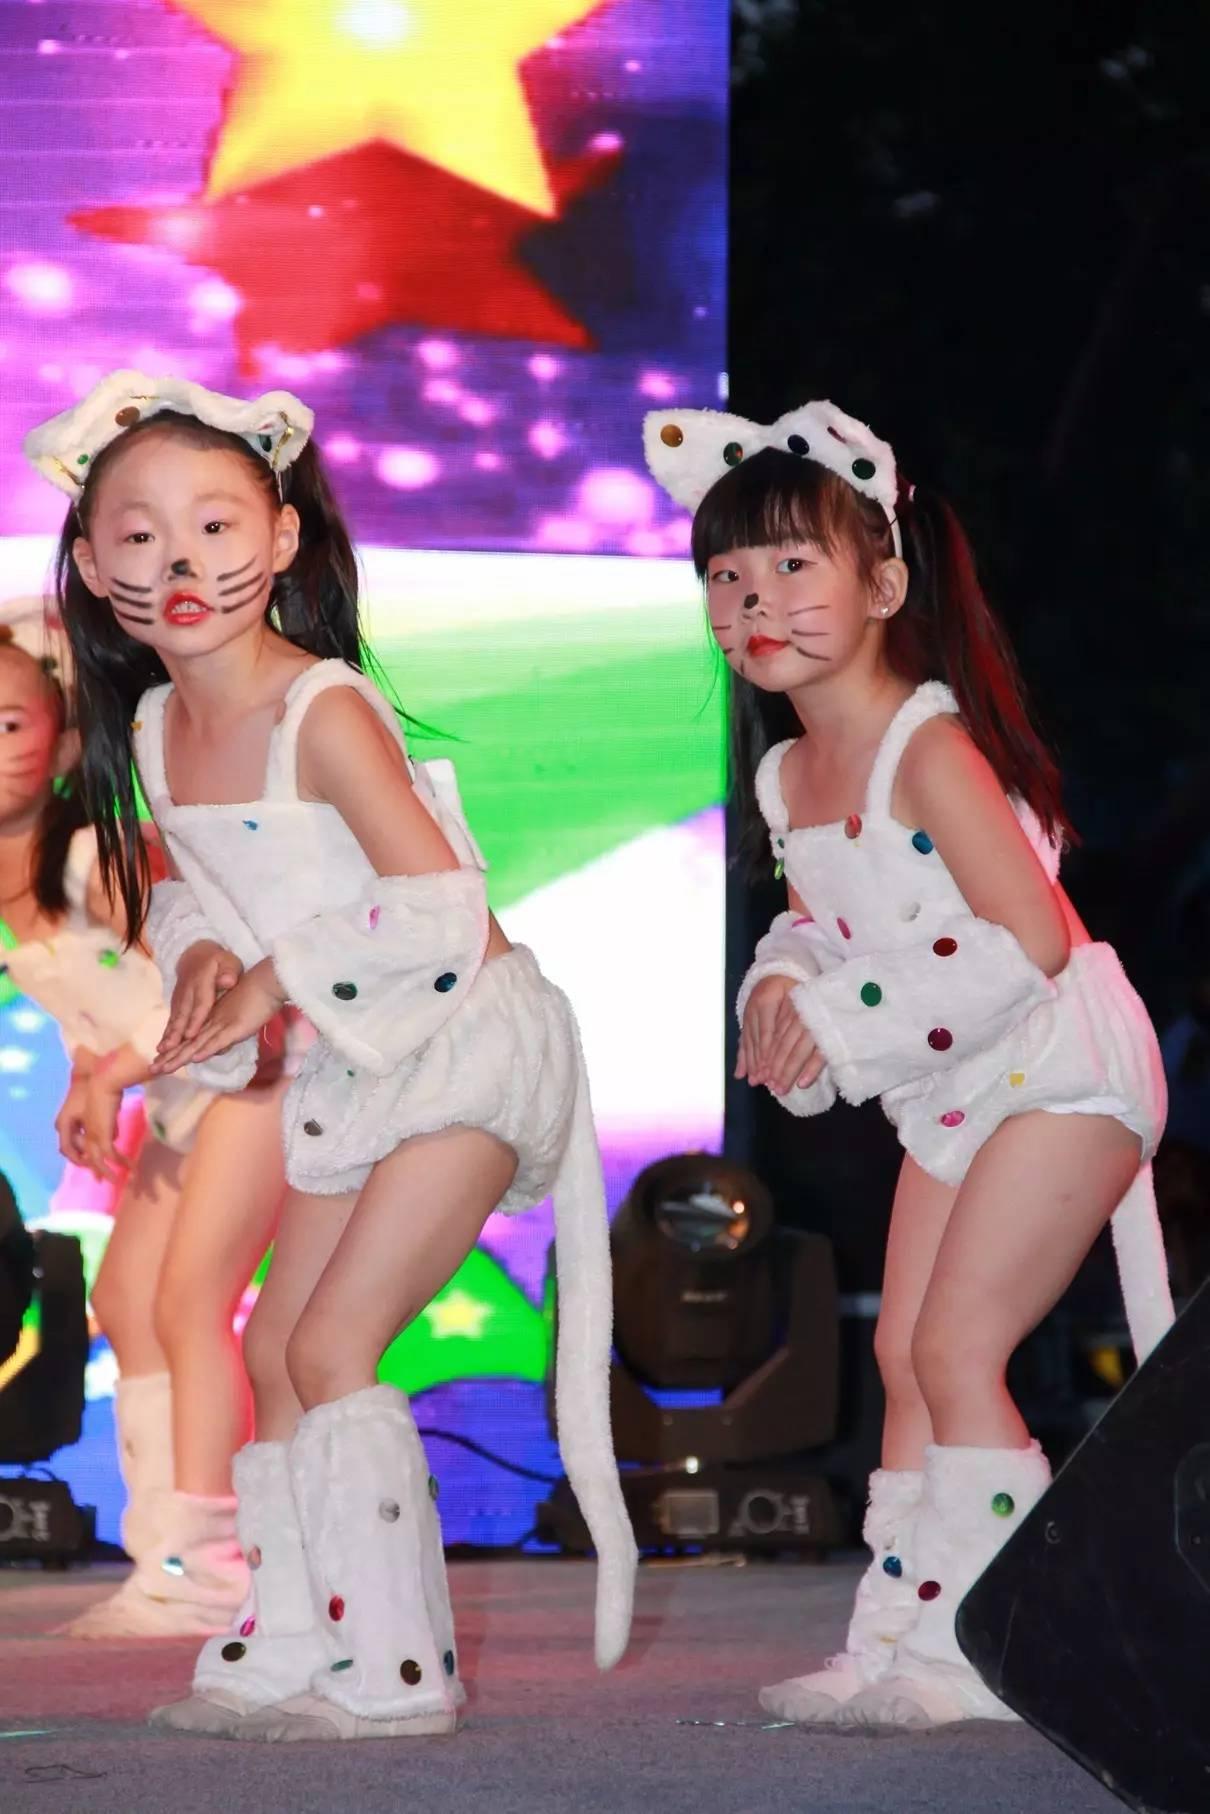 可爱娃娃舞蹈妆容